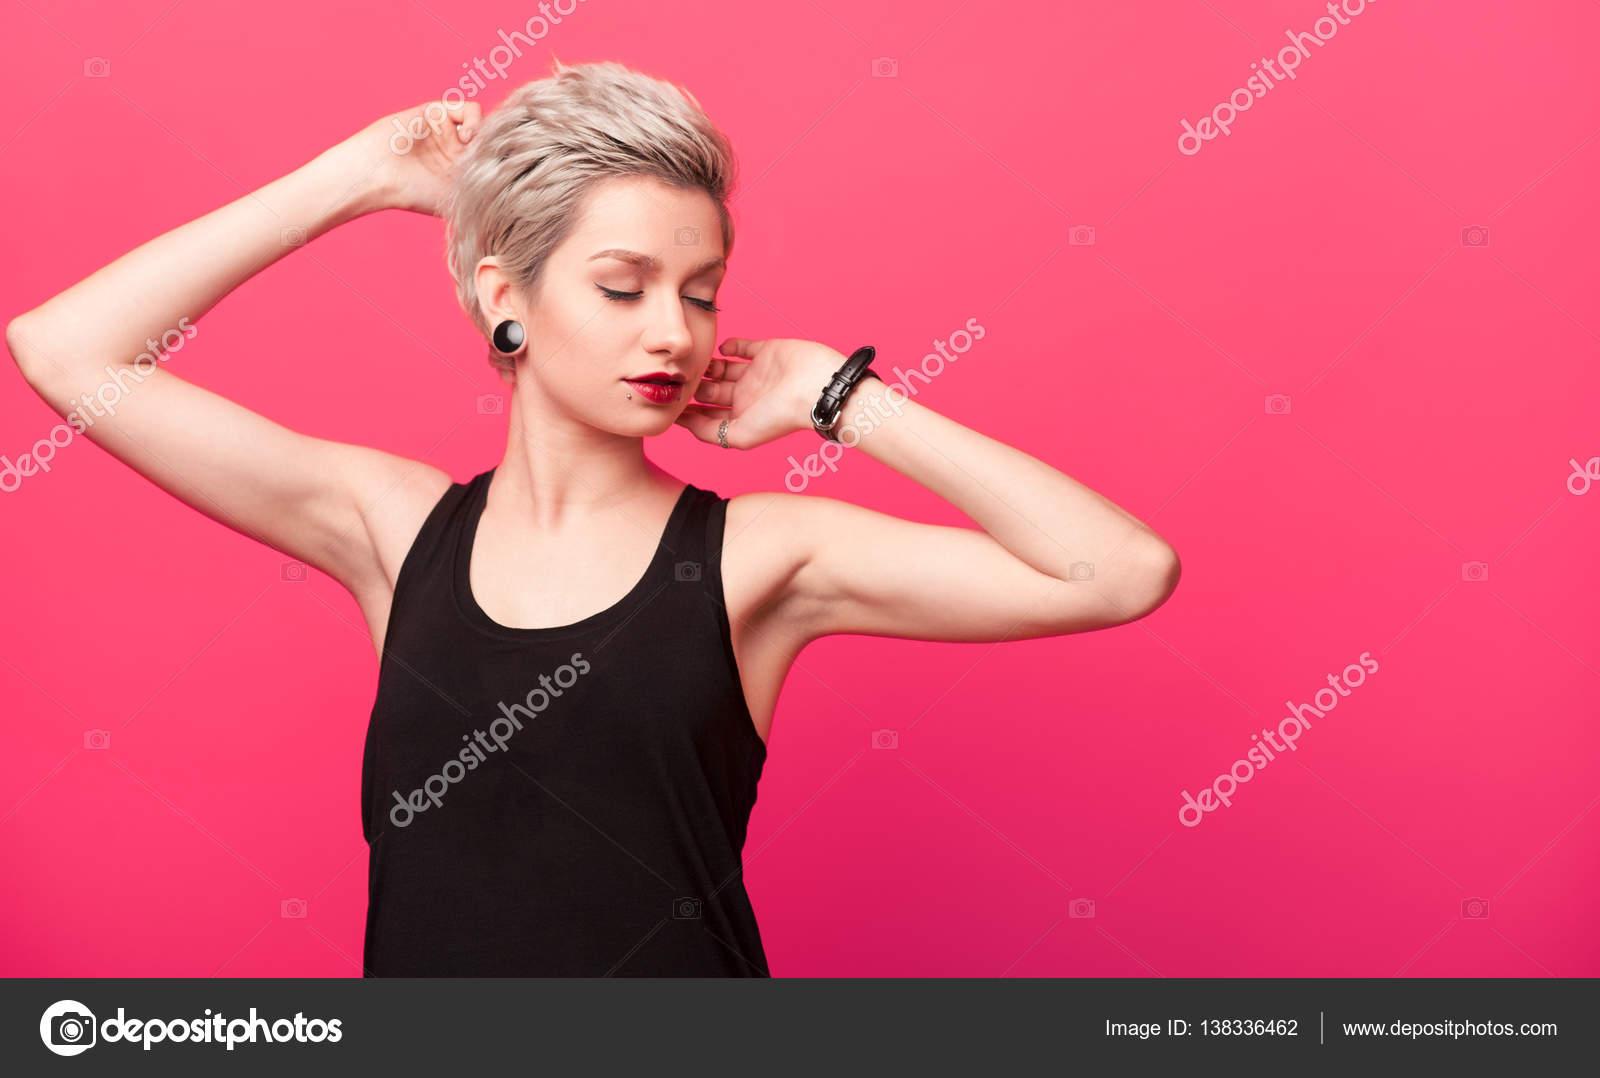 Blonde Avec Une Coiffure A La Mode Photographie Kegfire C 138336462